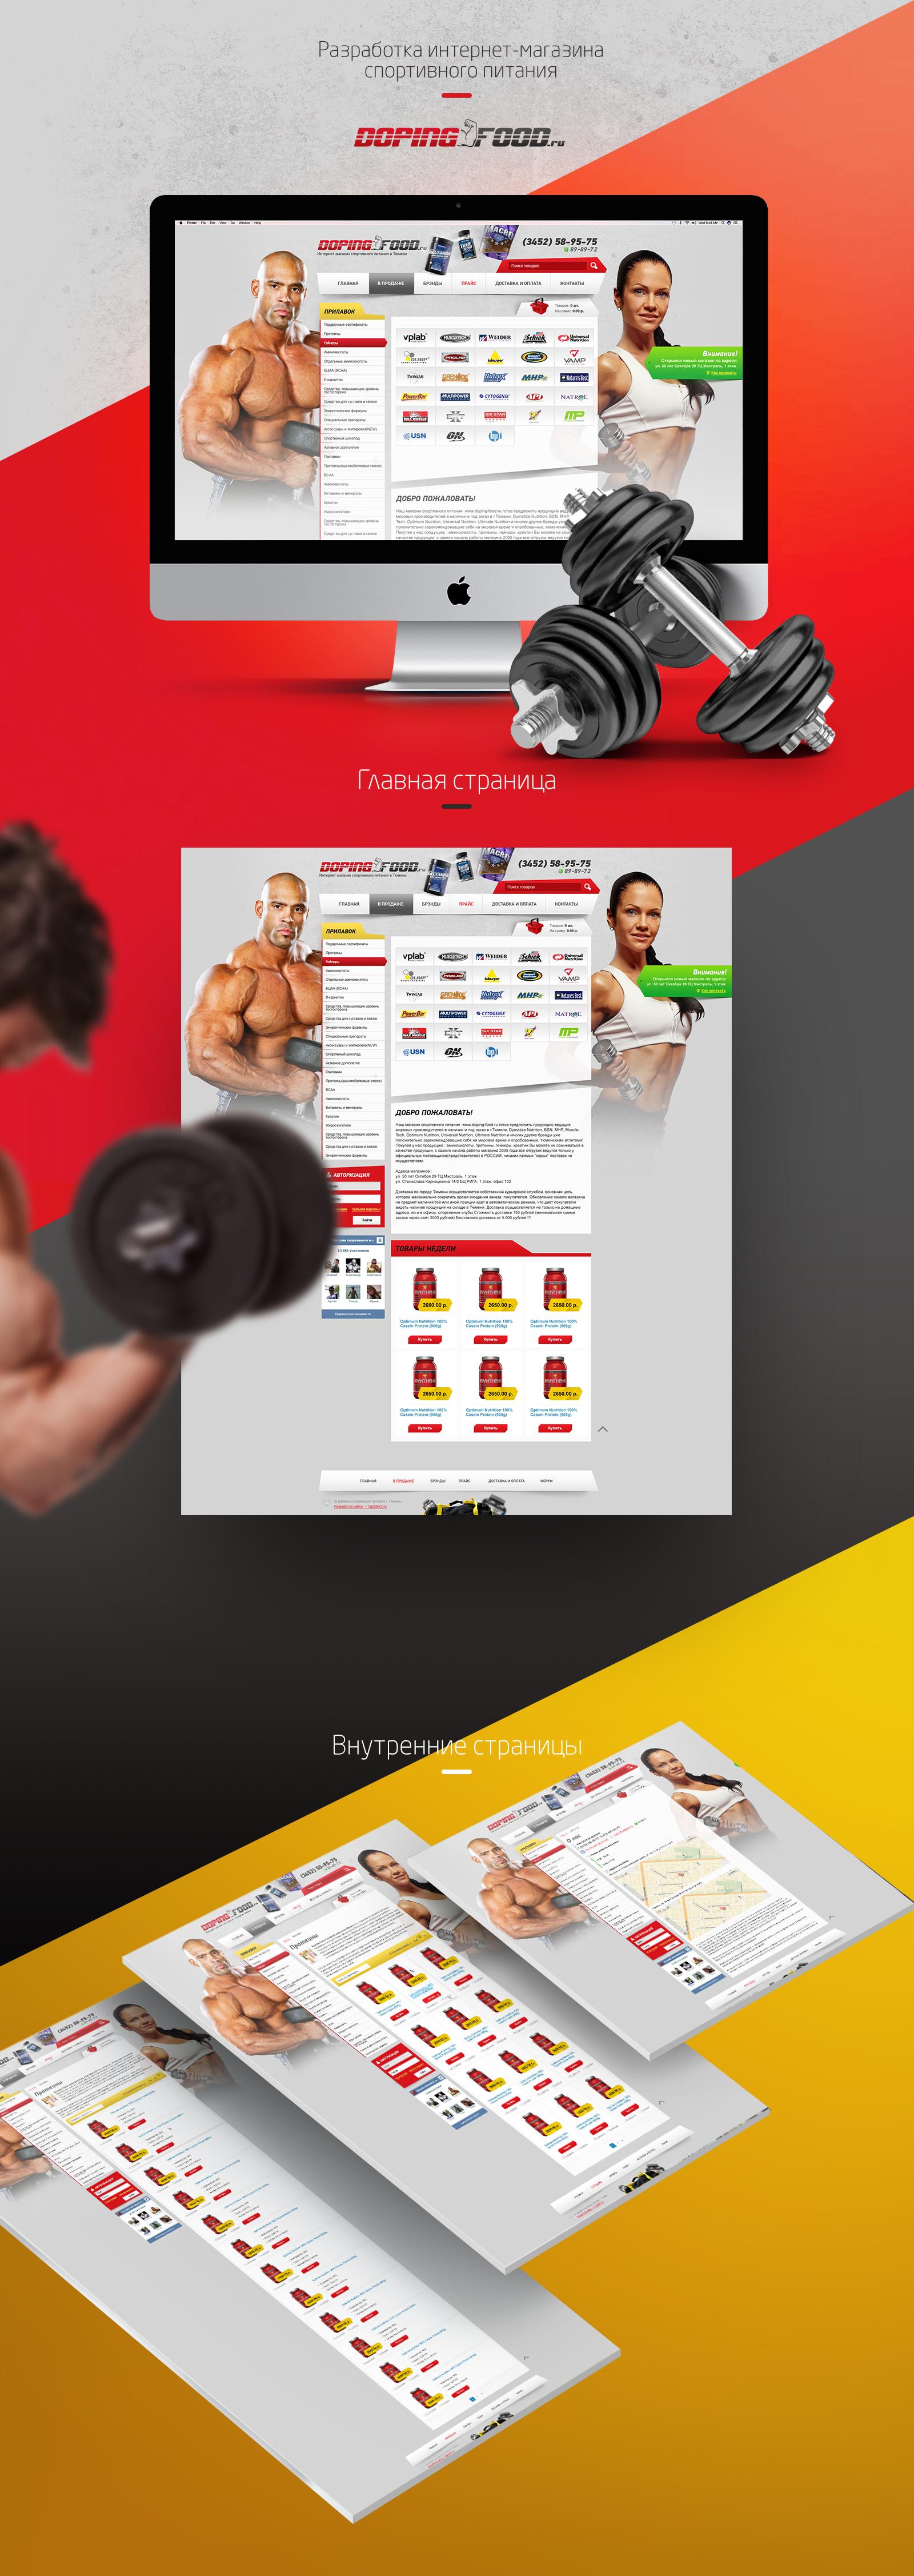 Дизайн сайта по продаже спортивного питания